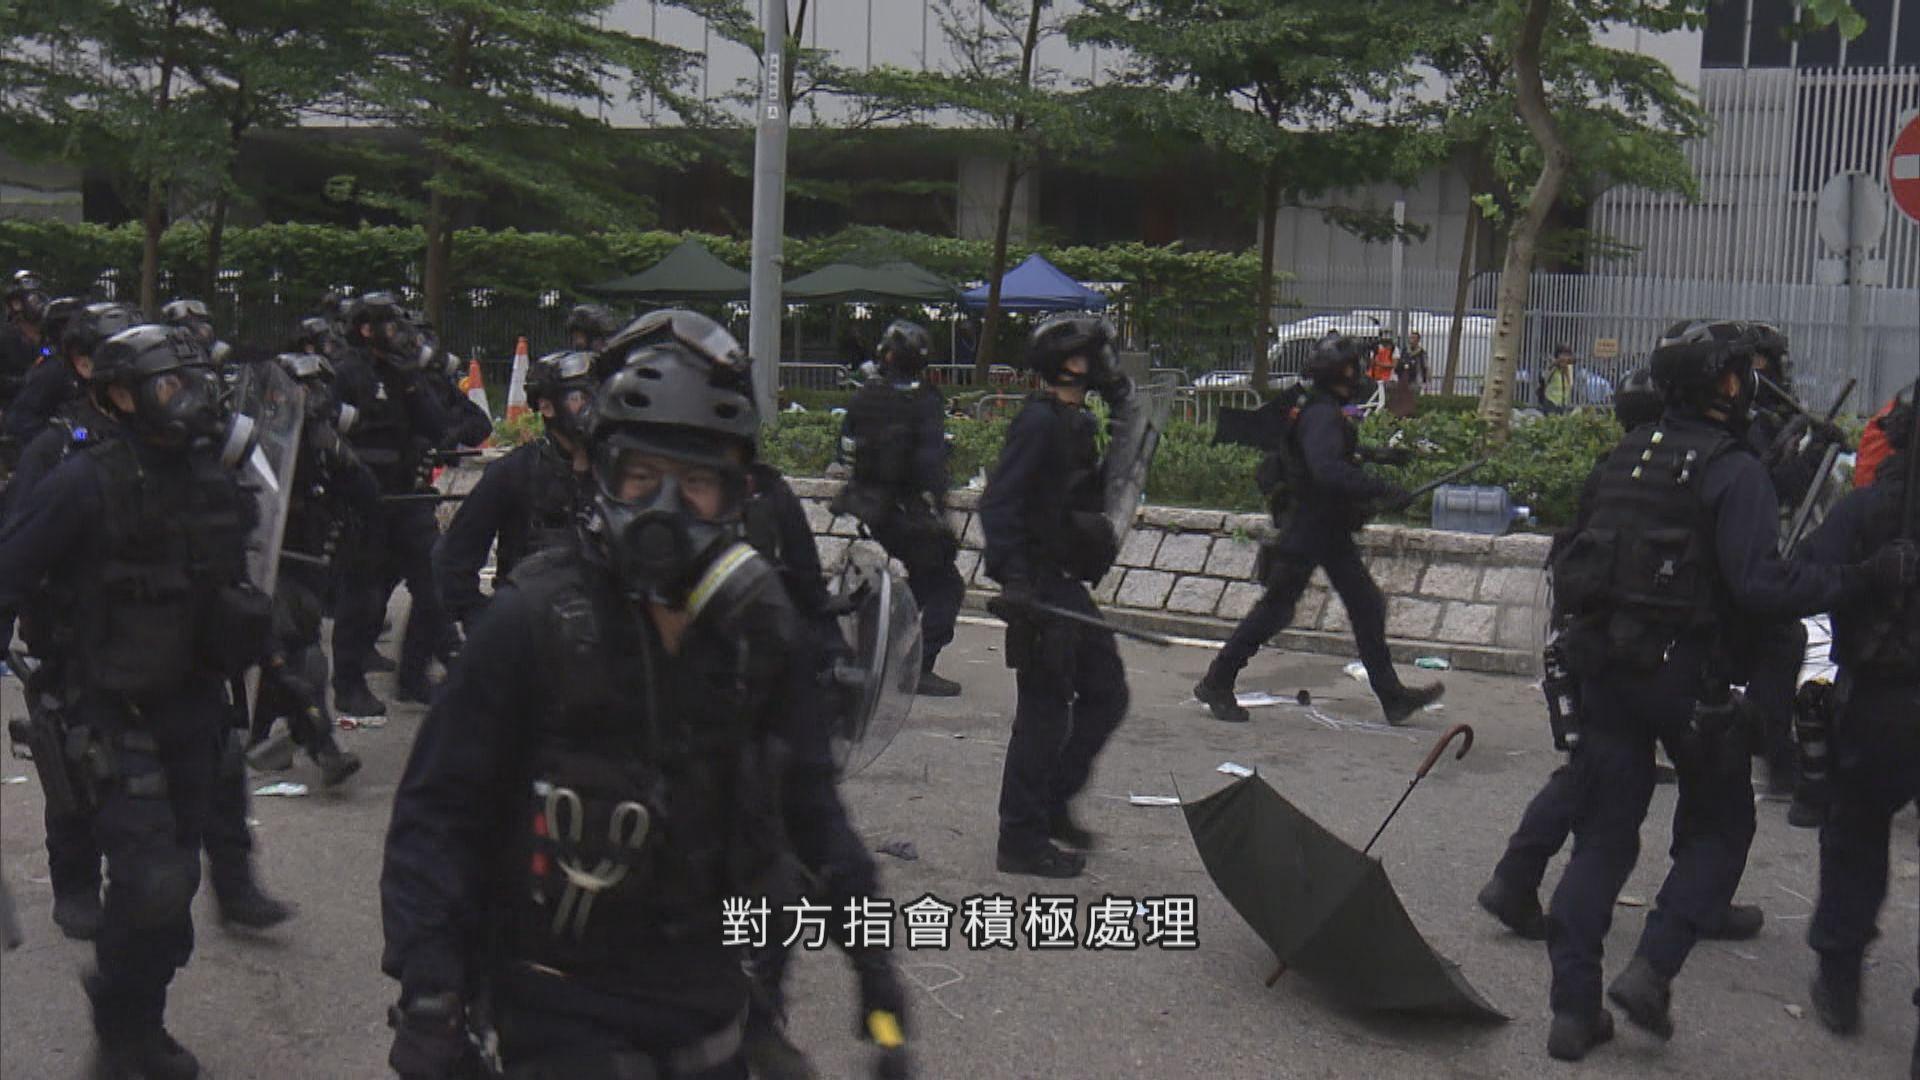 監警會:會繼續跟進速龍小隊制服沒編號